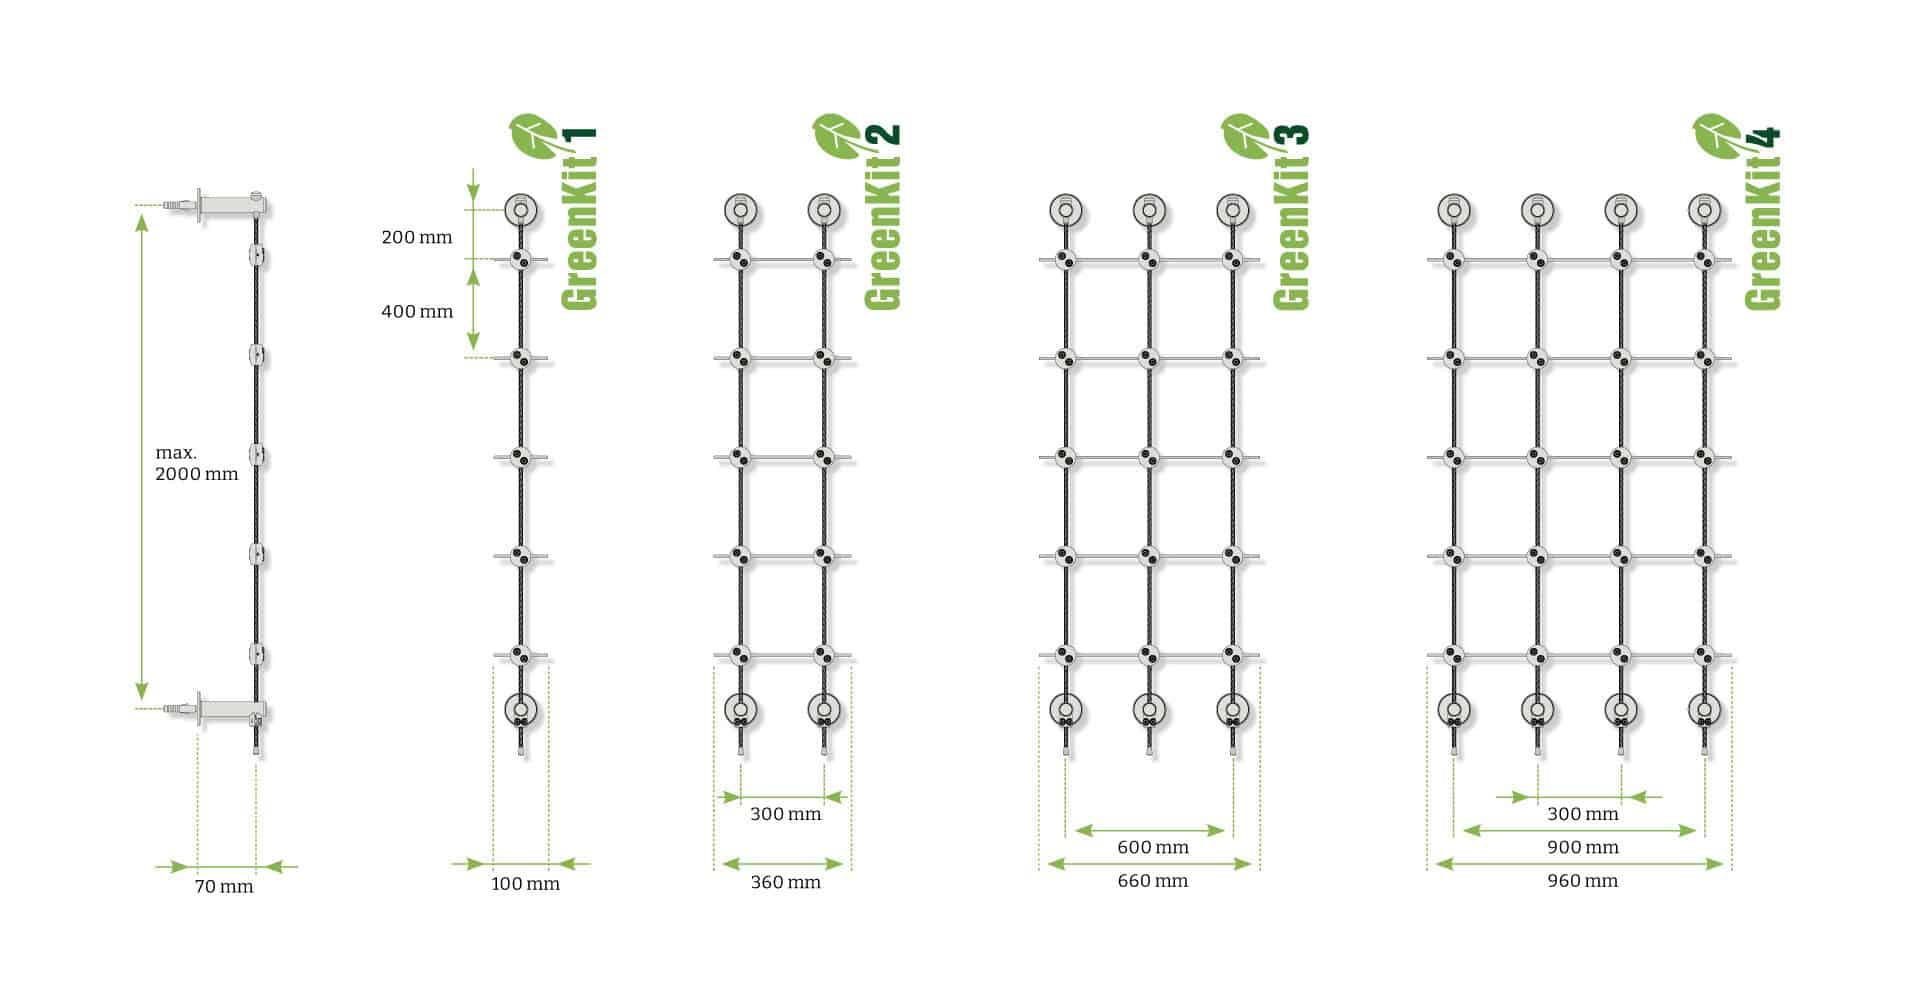 Greenkit enkel easy greening hojd bredd height width